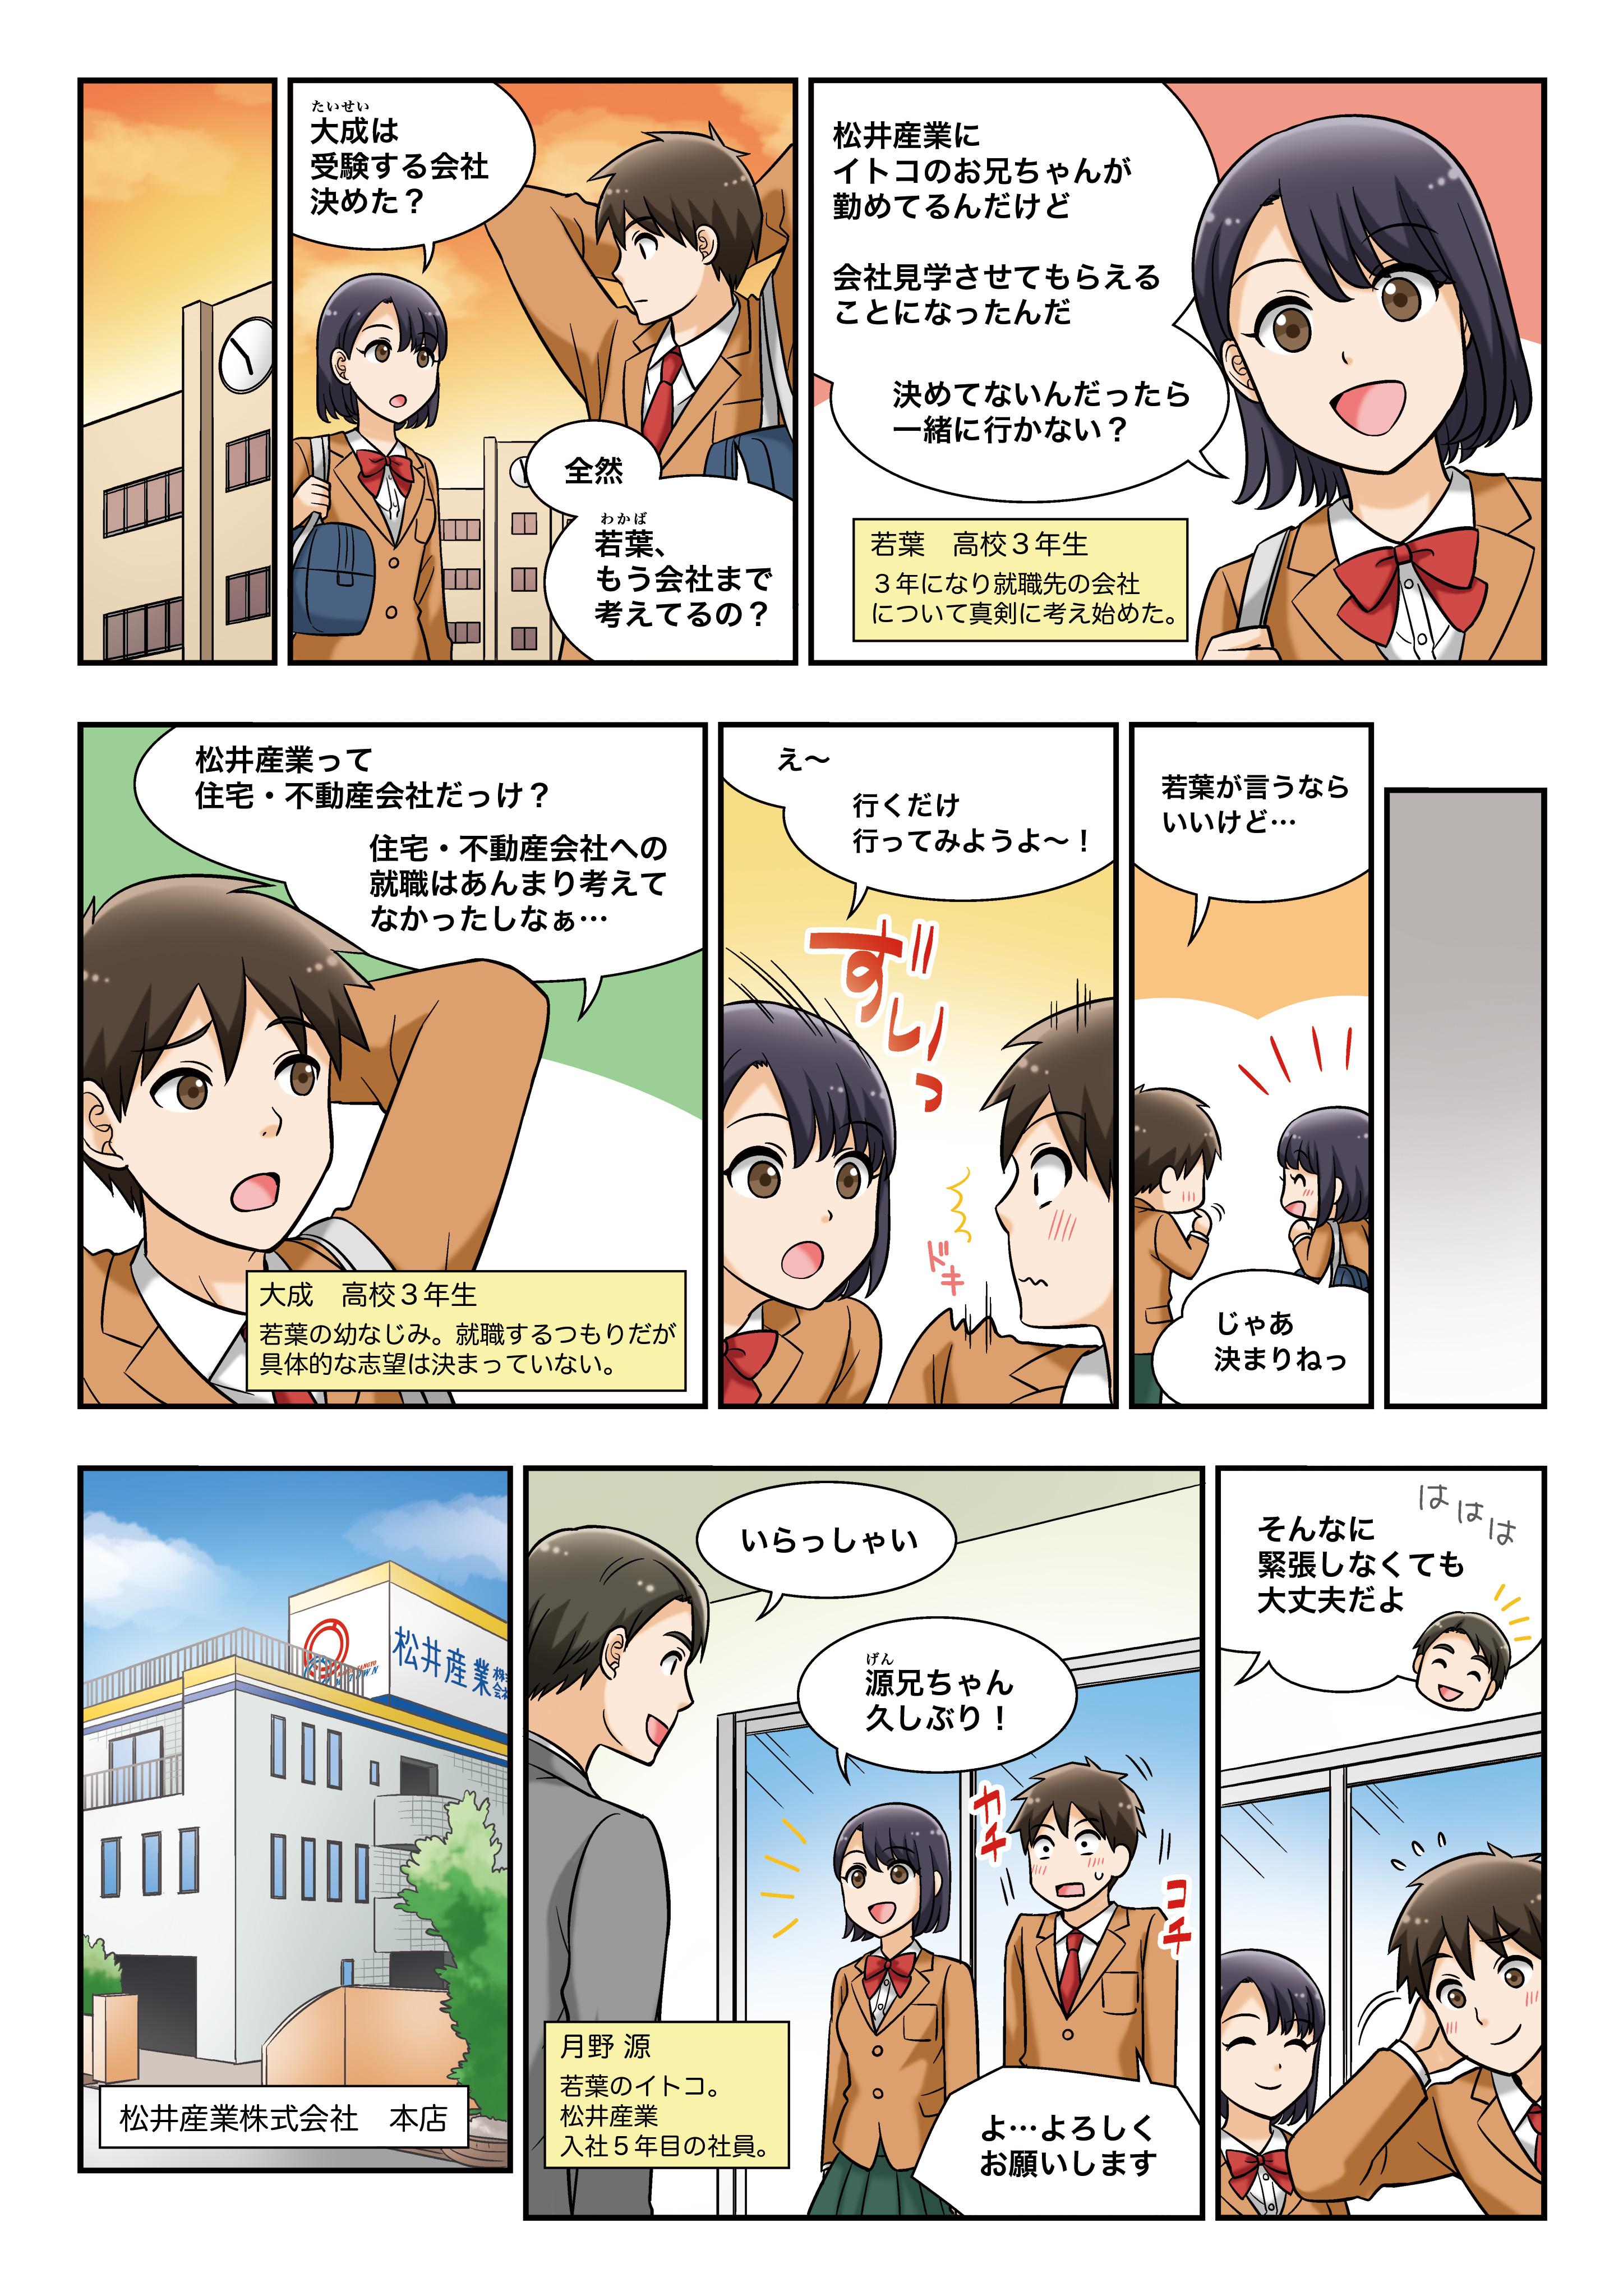 会社案内パンフレット掲載漫画[画像2]